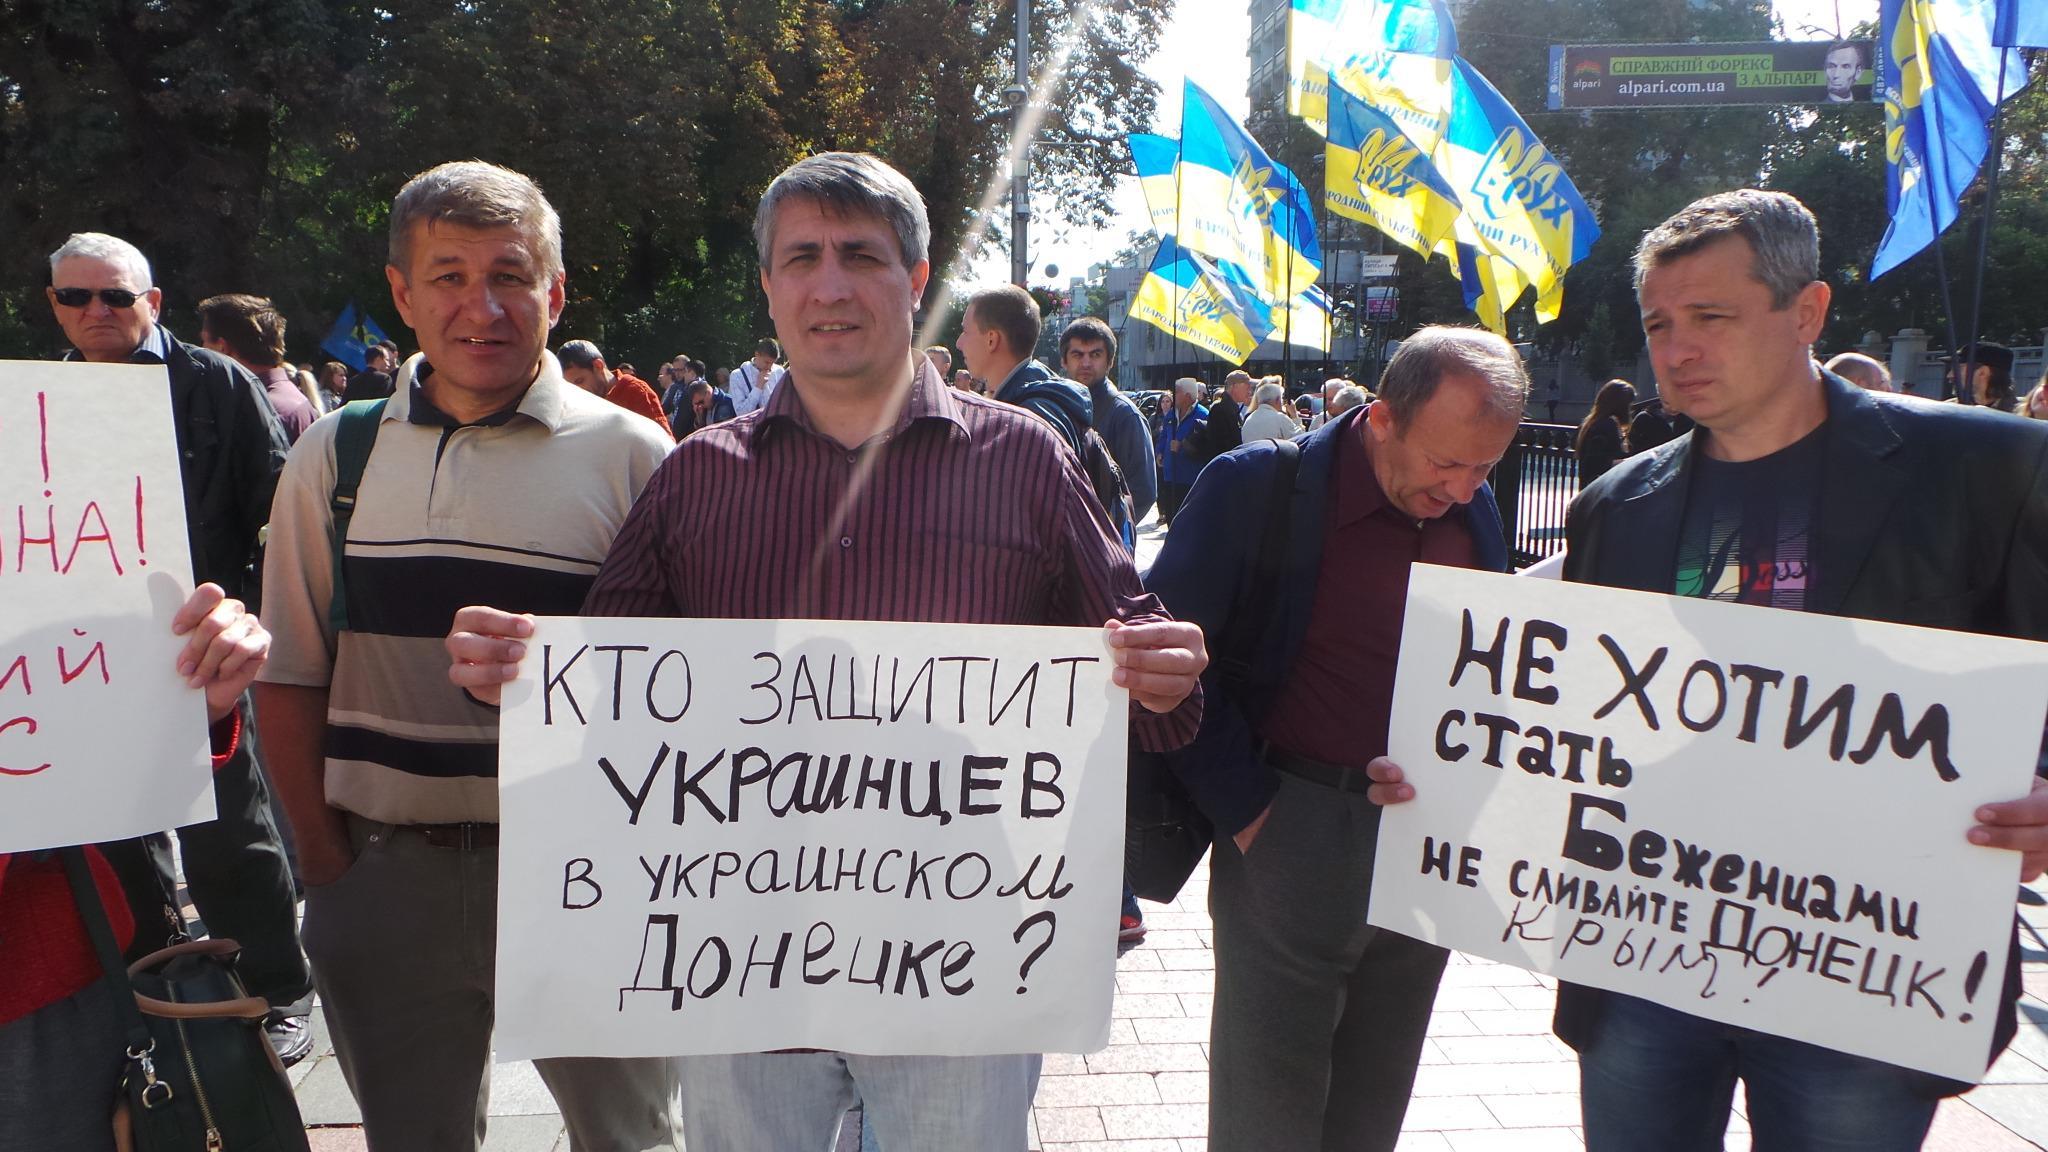 На досрочные выборы Канада отправит в Украину 300 наблюдателей - Цензор.НЕТ 5661